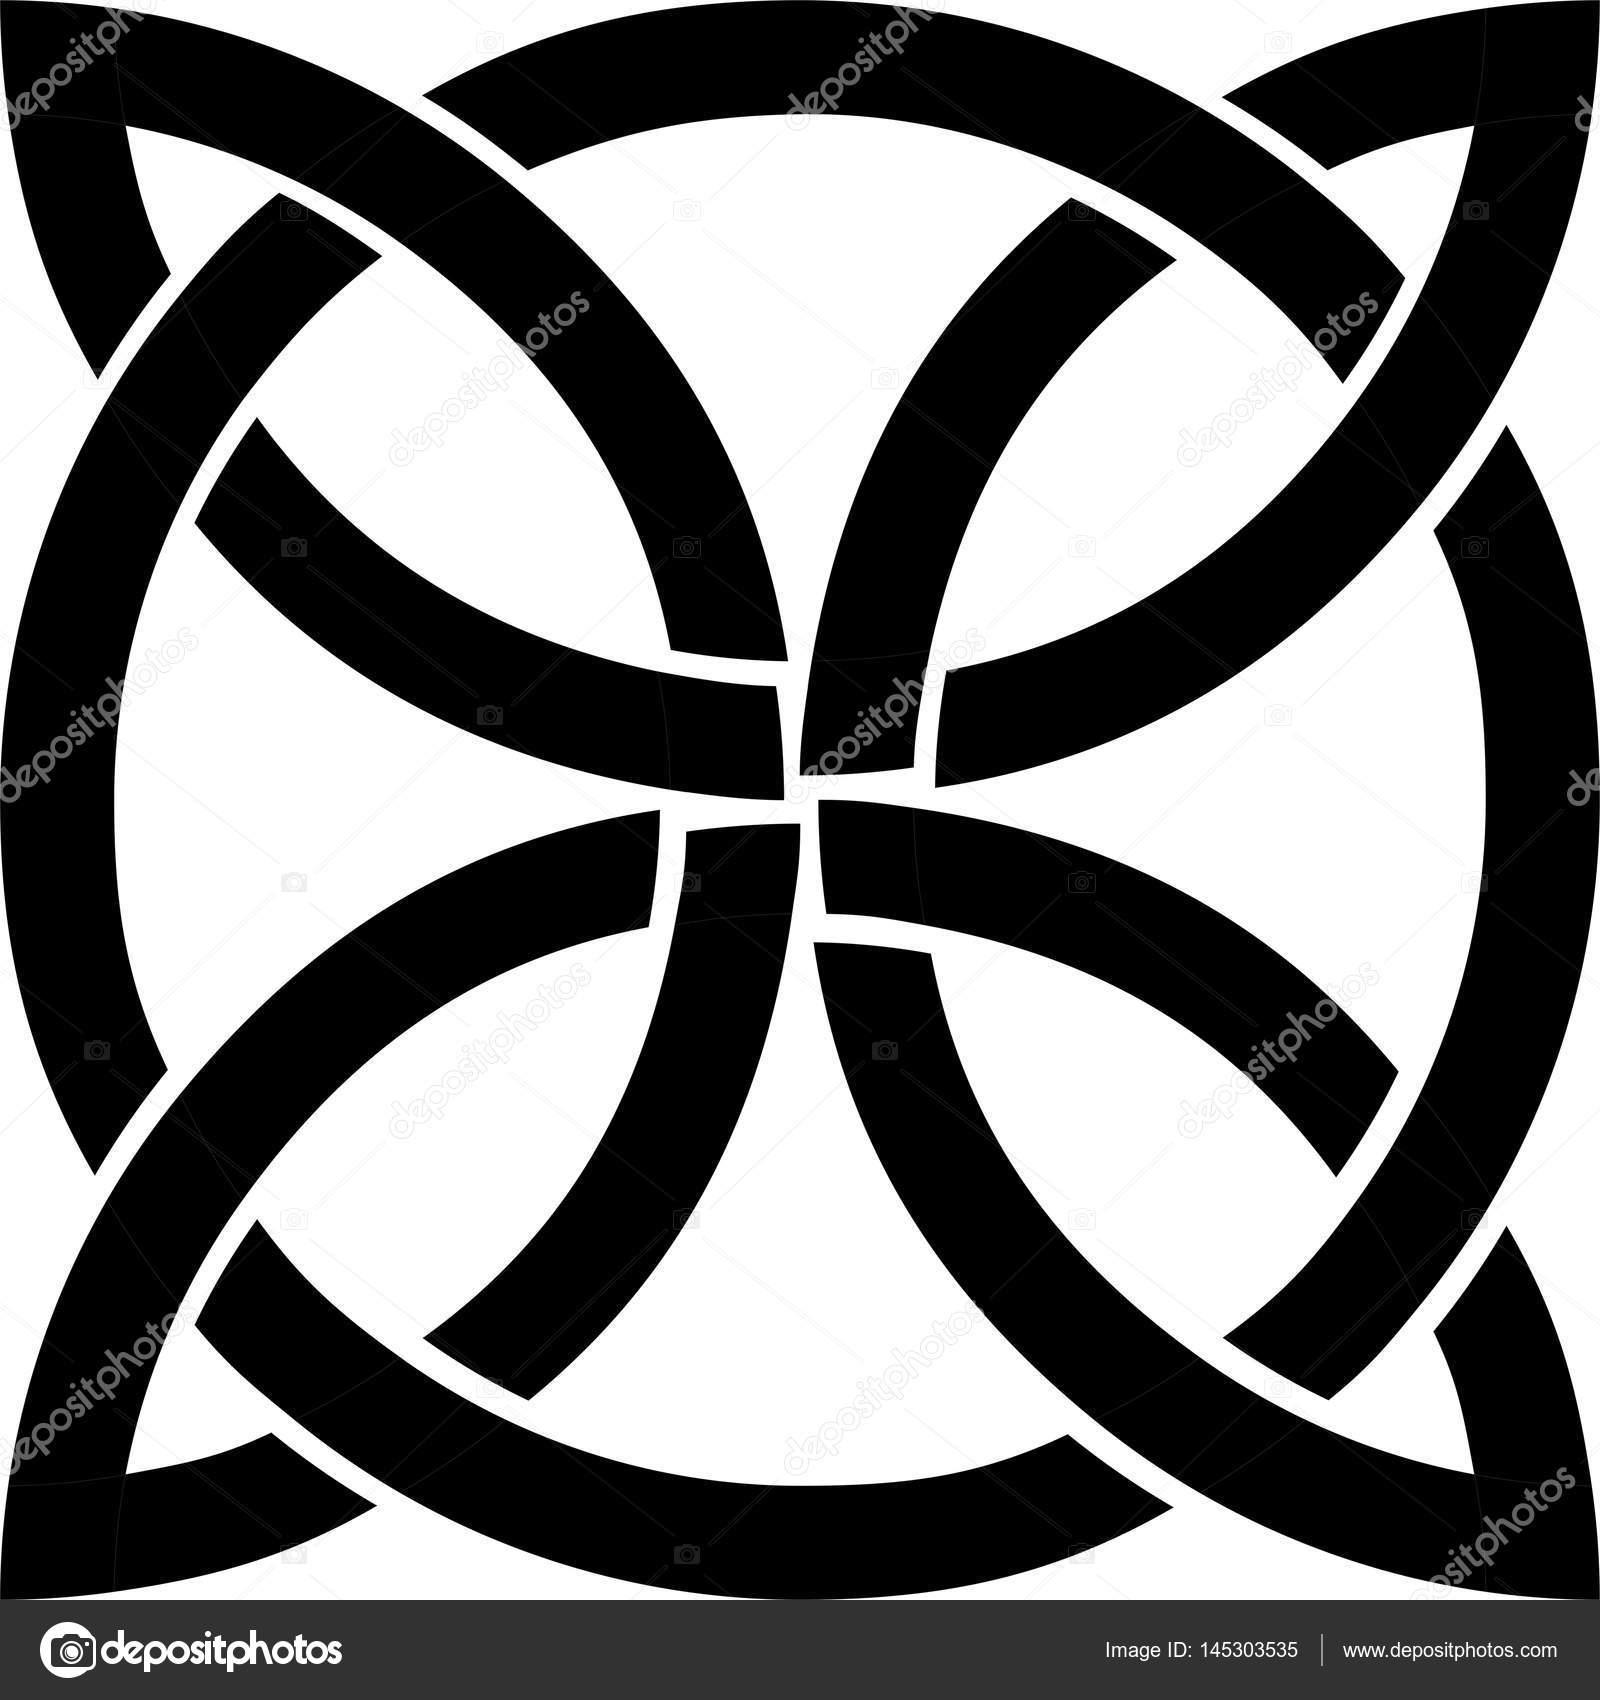 Celtic Knot Symbol Stock Photo Tony4urban 145303535